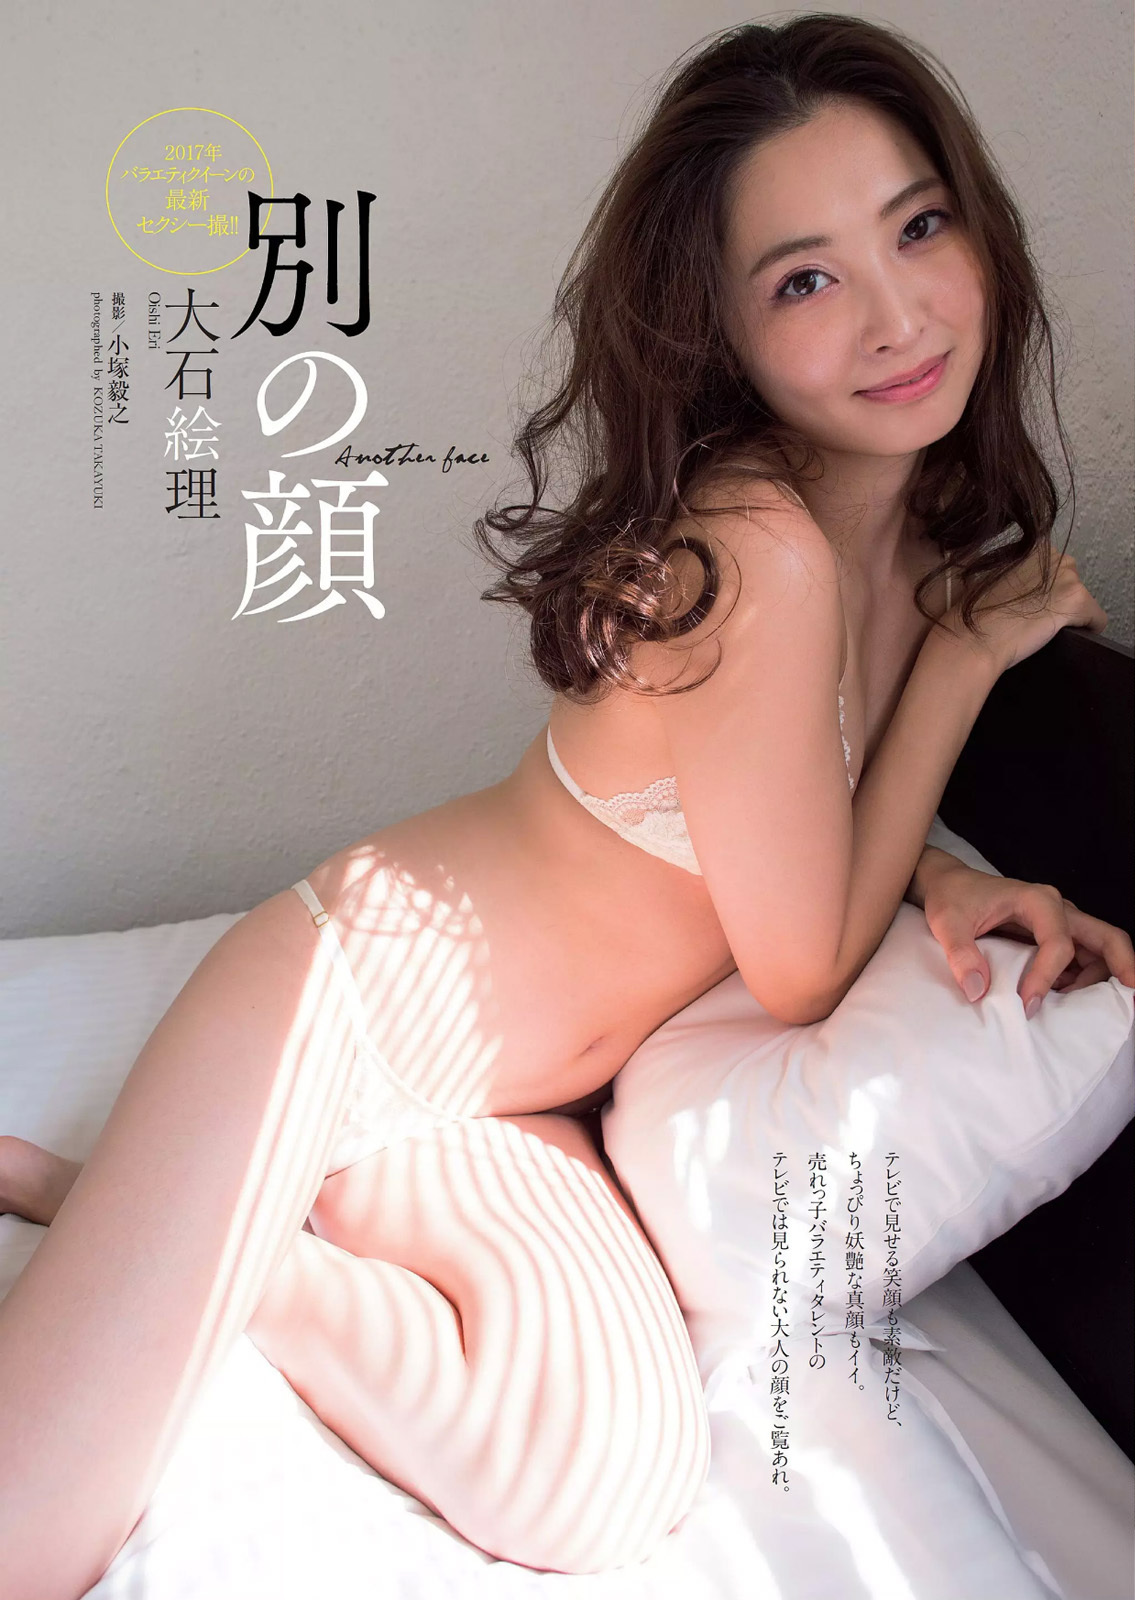 大石絵理28